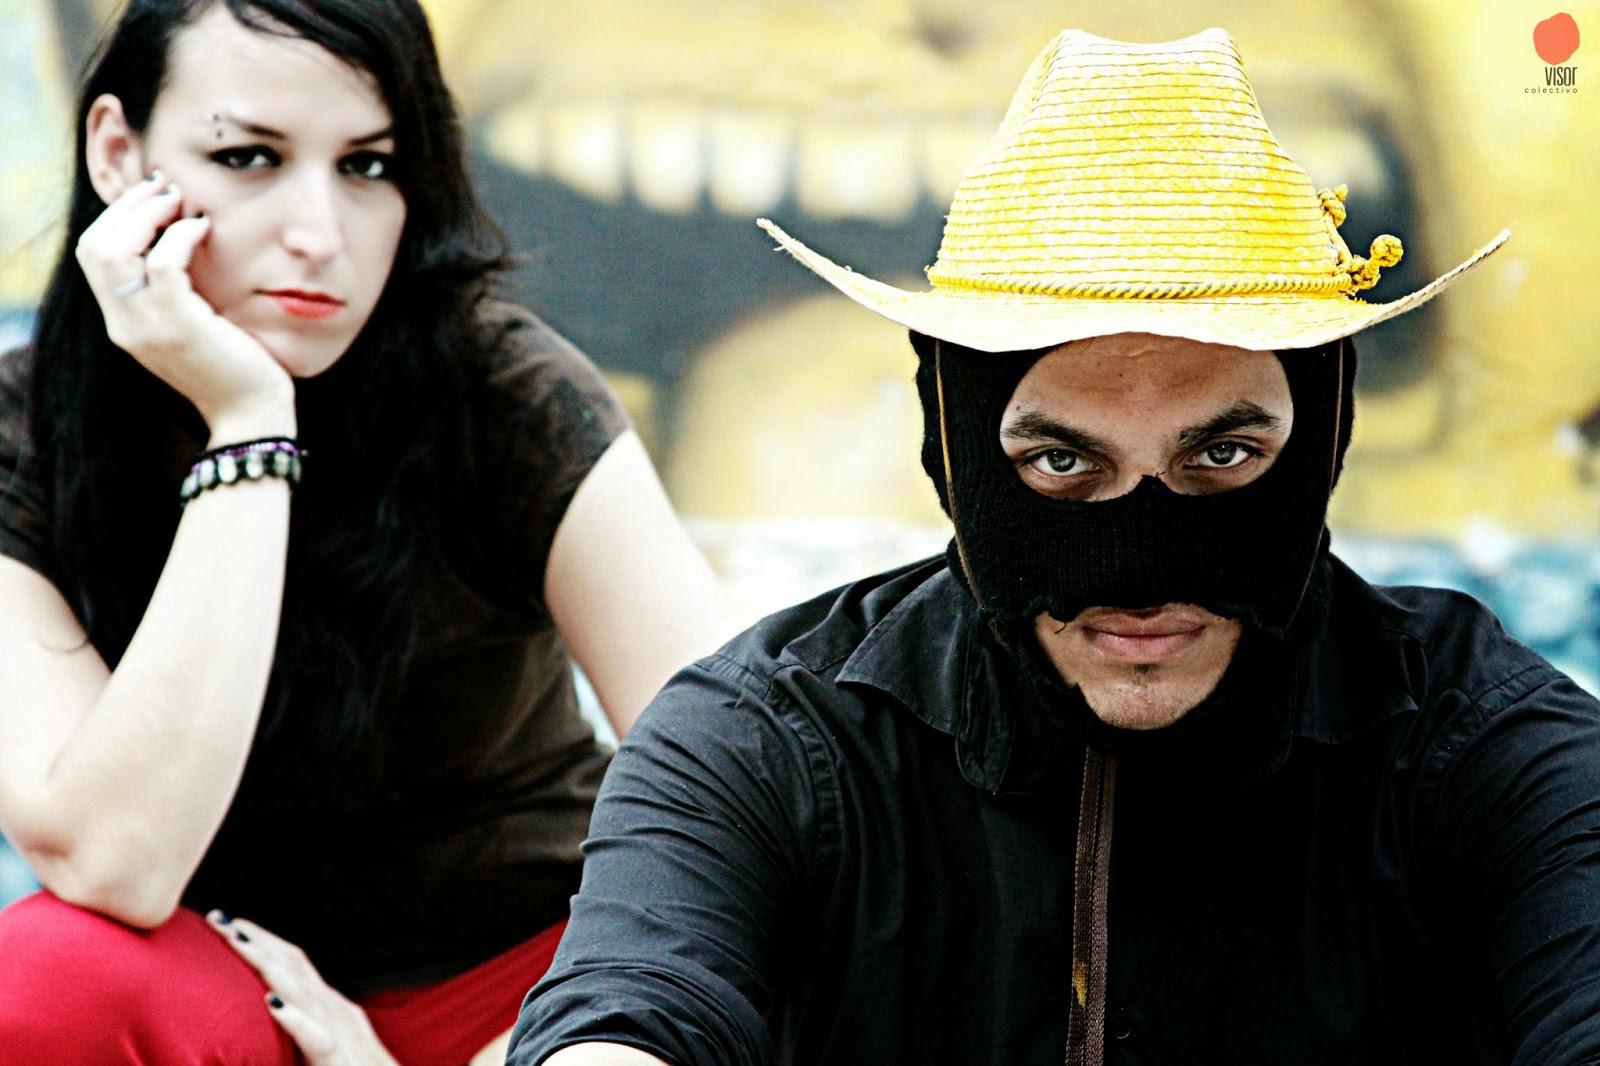 Mr. Blaky es una mezcla de funk, rock, ritmos tradicionales del norte de México, rap, samba, electrónica y rock, acompañados de letras incisivas y mordaces contra el sistema mundo donde tenemos que desenvolvernos hoy en día.